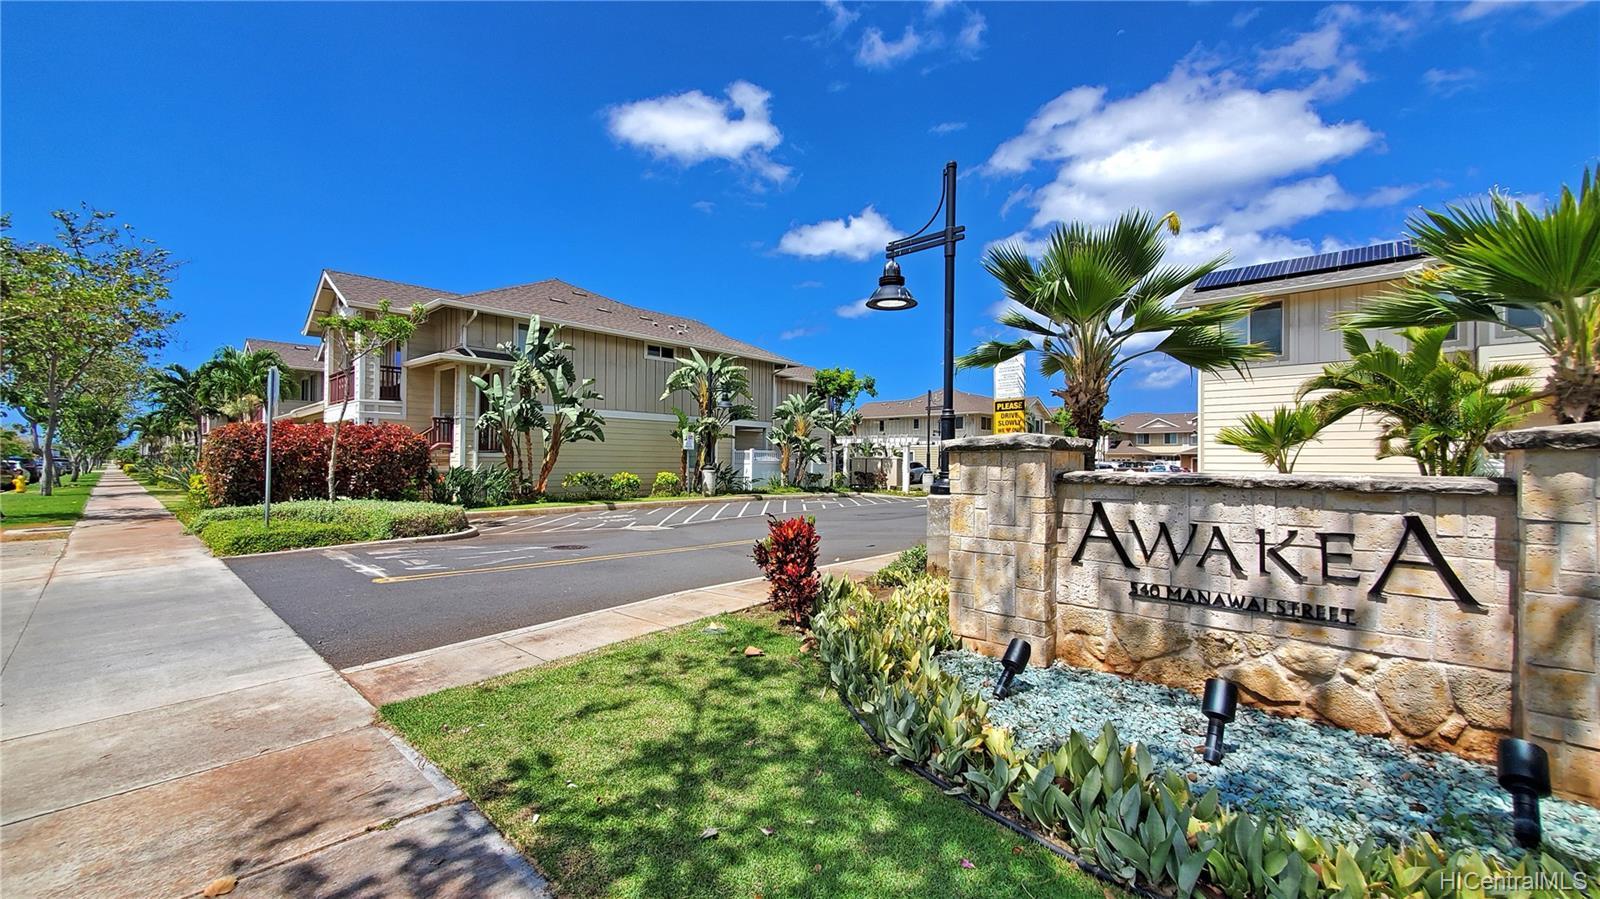 540 Manawai Street townhouse # 404, Kapolei, Hawaii - photo 13 of 21